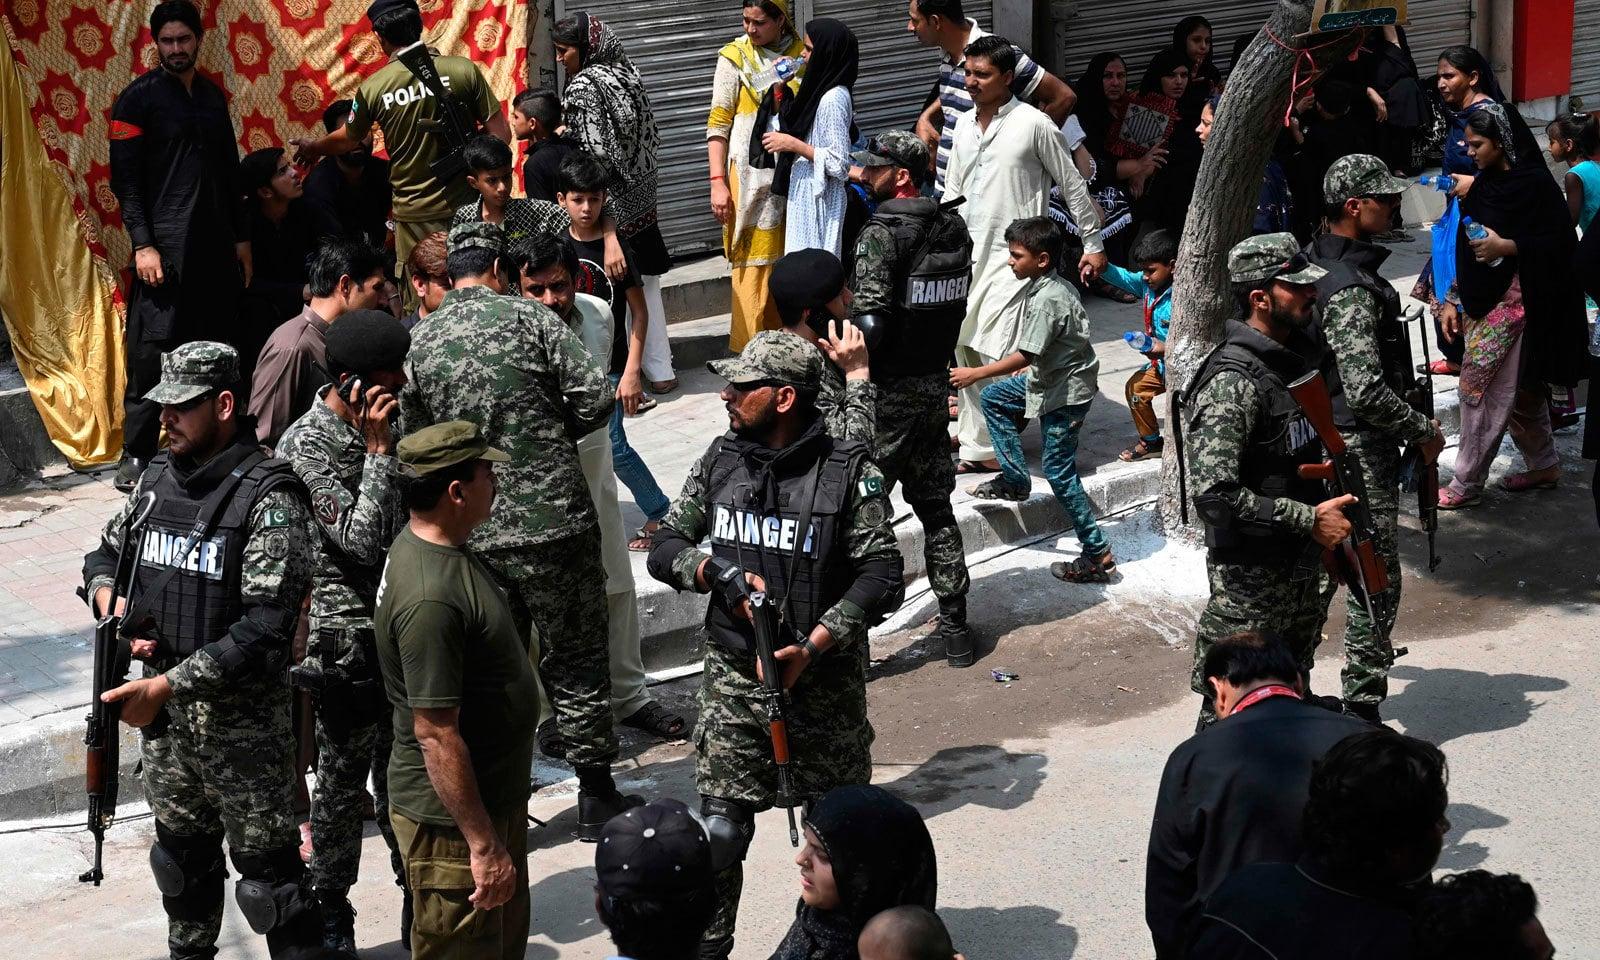 ملک بھر میں 9محرم کے جلوس کے موقع پر سیکیورٹی کے بہترین انتظامات کیے گئے— فوٹو: اے ایف پی